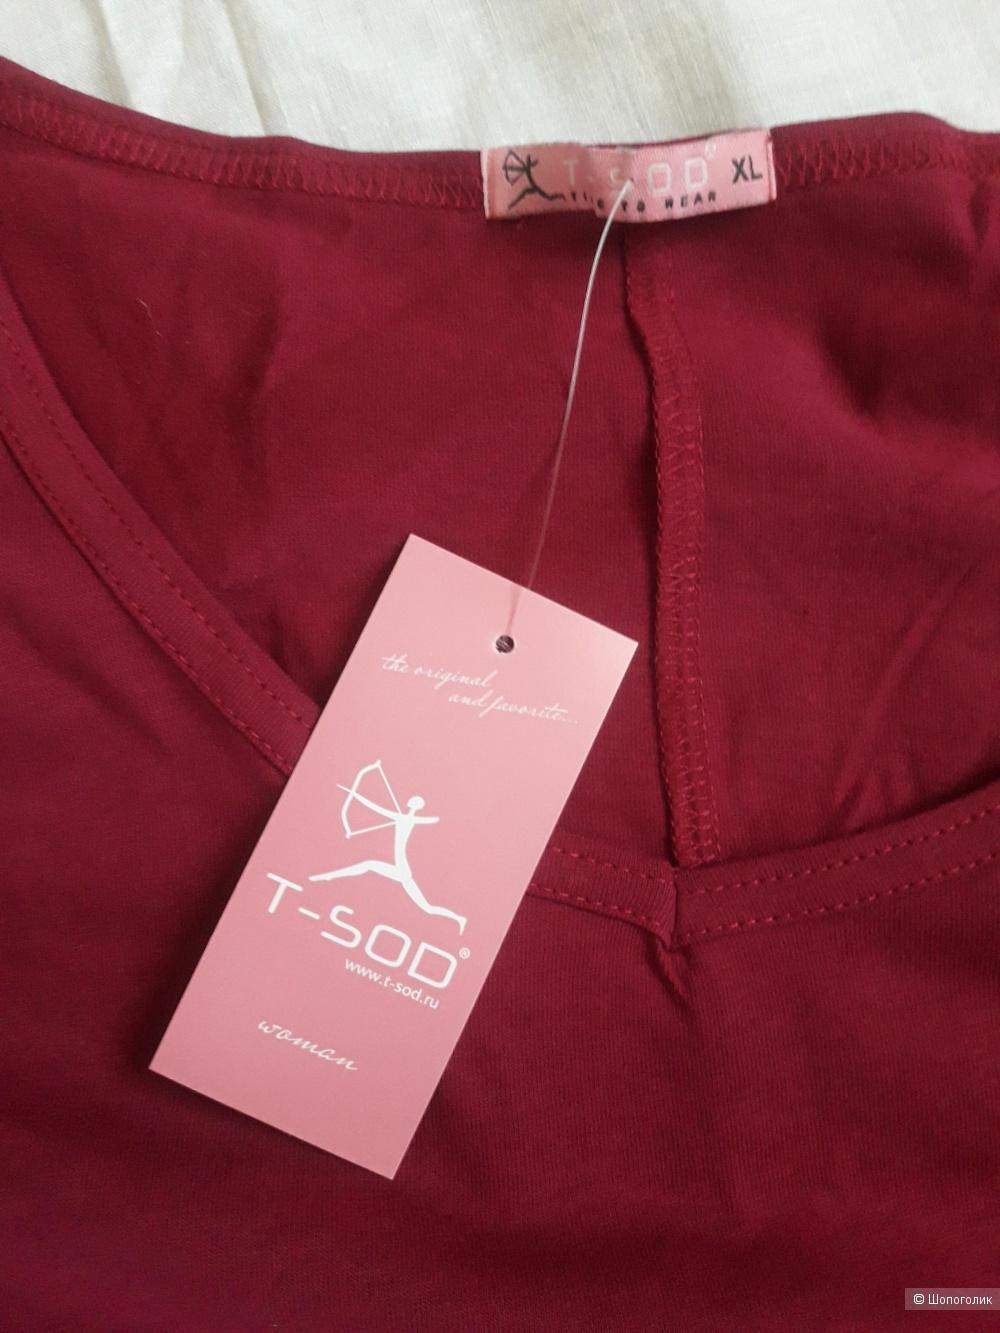 Пижама T-sod, размер 48